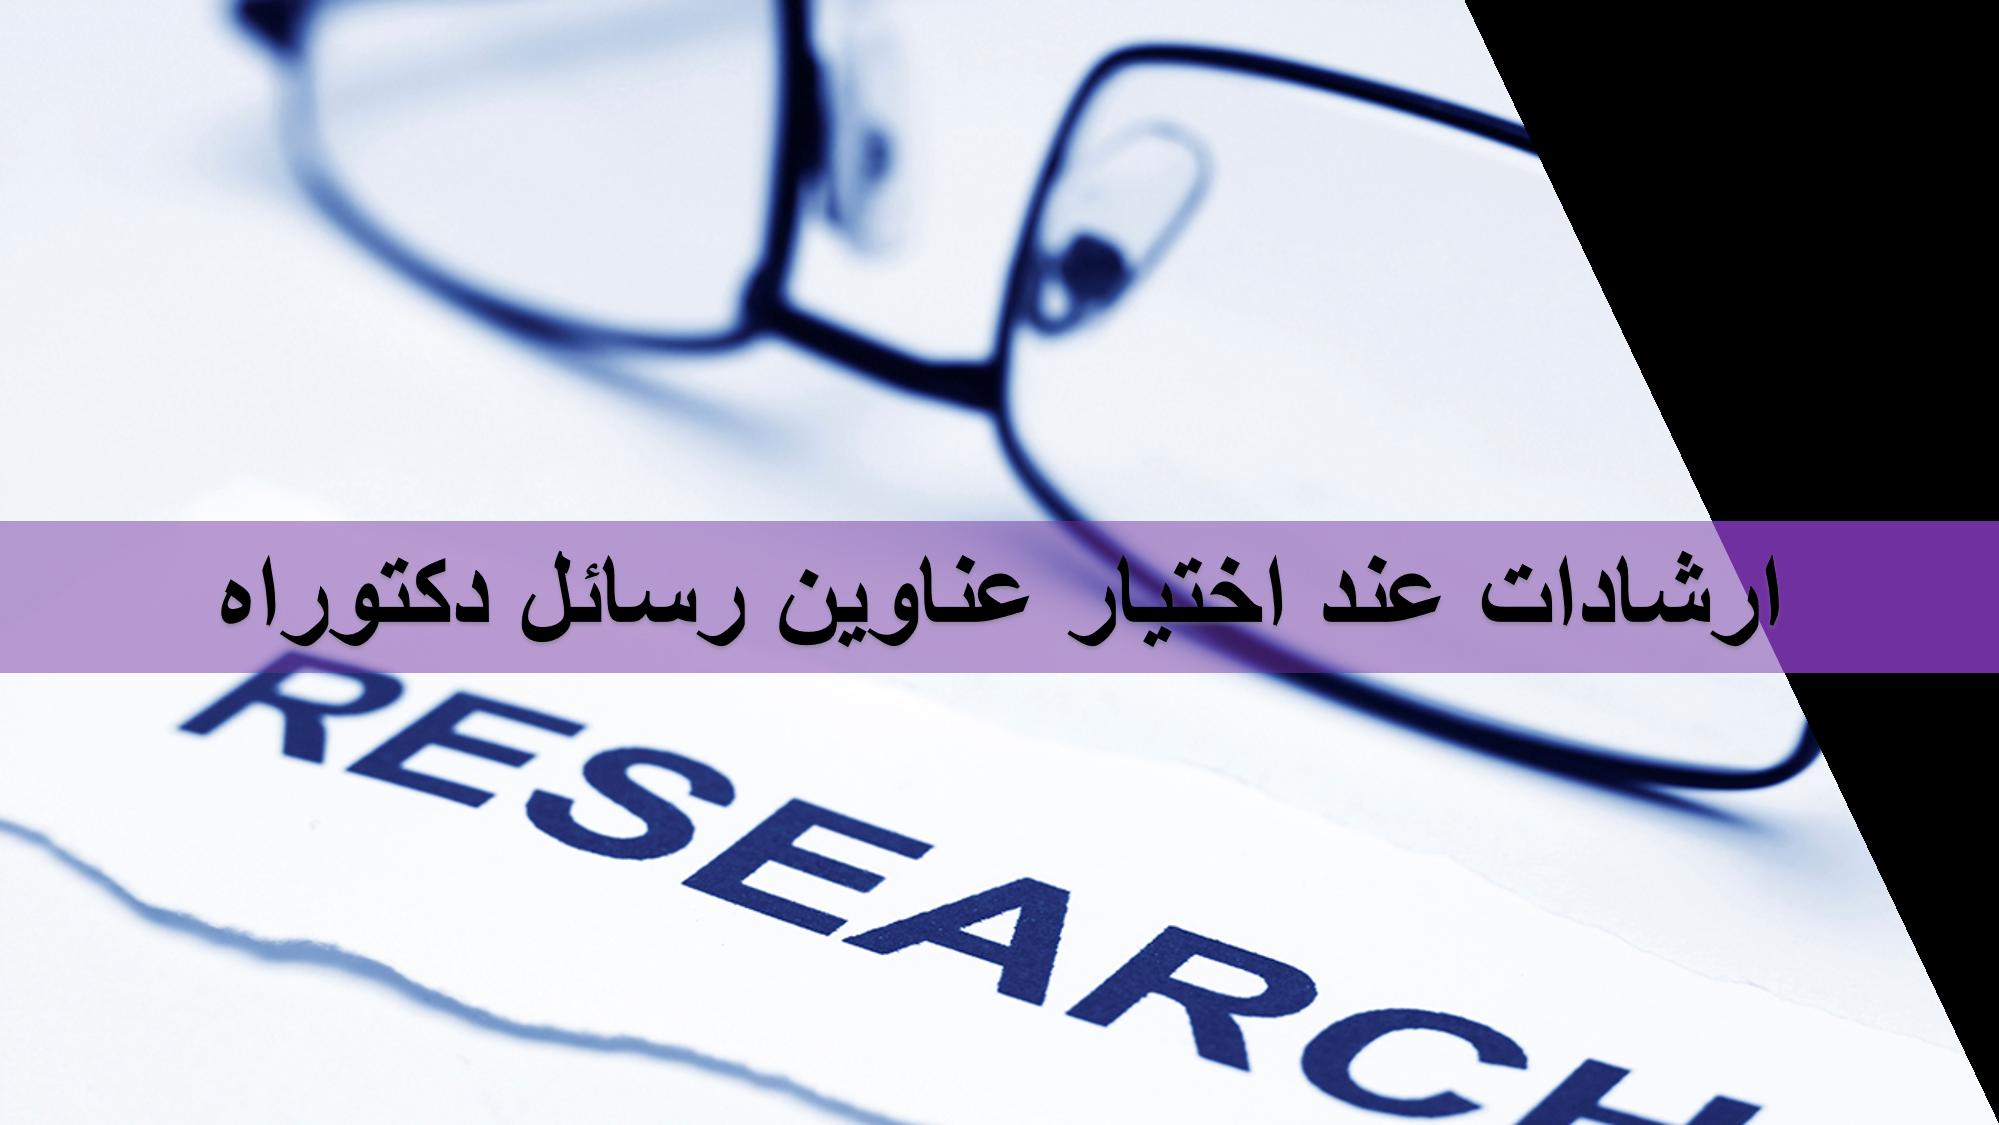 تعتبر شهادة الدكتوراه الدرجة العلمية التي تعطيها الجامعة المعروفة في الوسط العلمي للطالب والتي تأتي بعد اجتيازه درجة الماجستير وت Square Square Glass Glasses